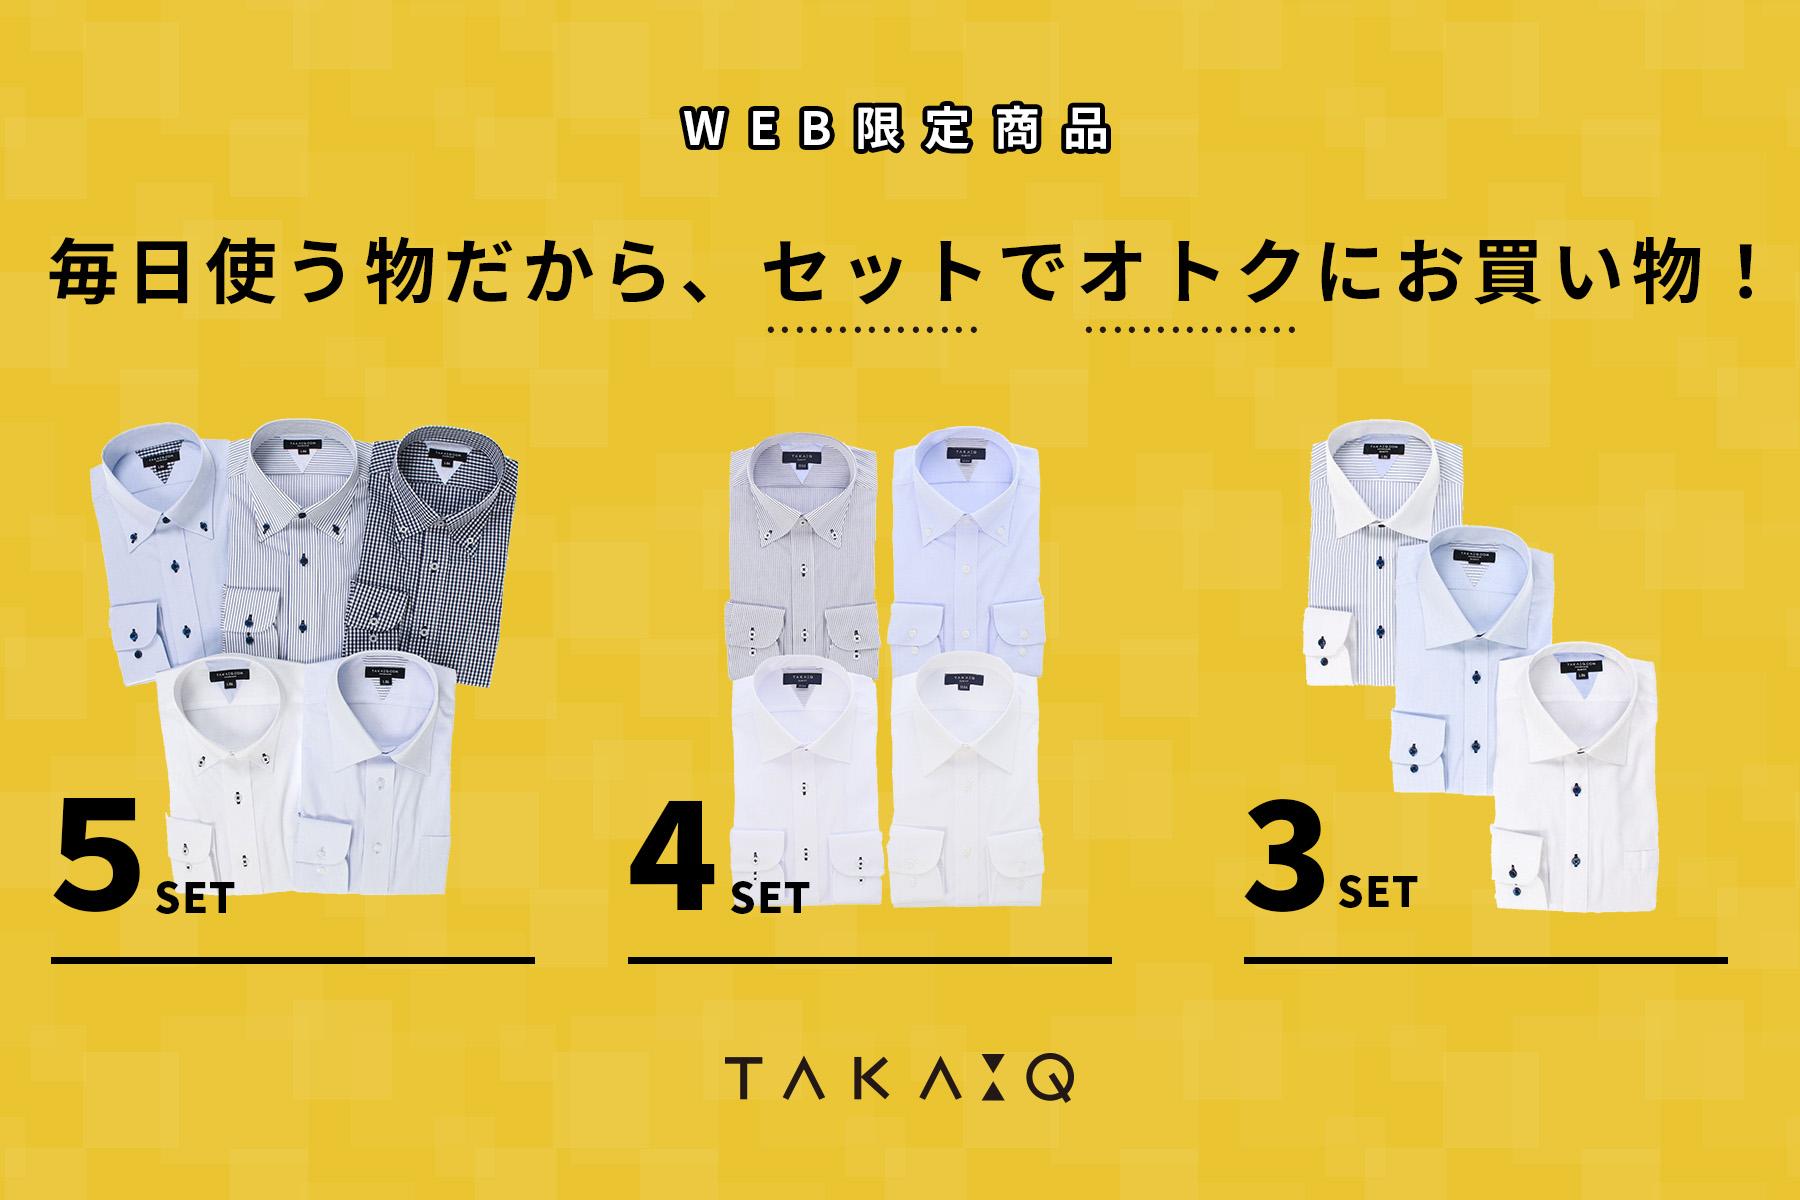 毎日使うシャツだから納得の価格!WEB限定アイテム